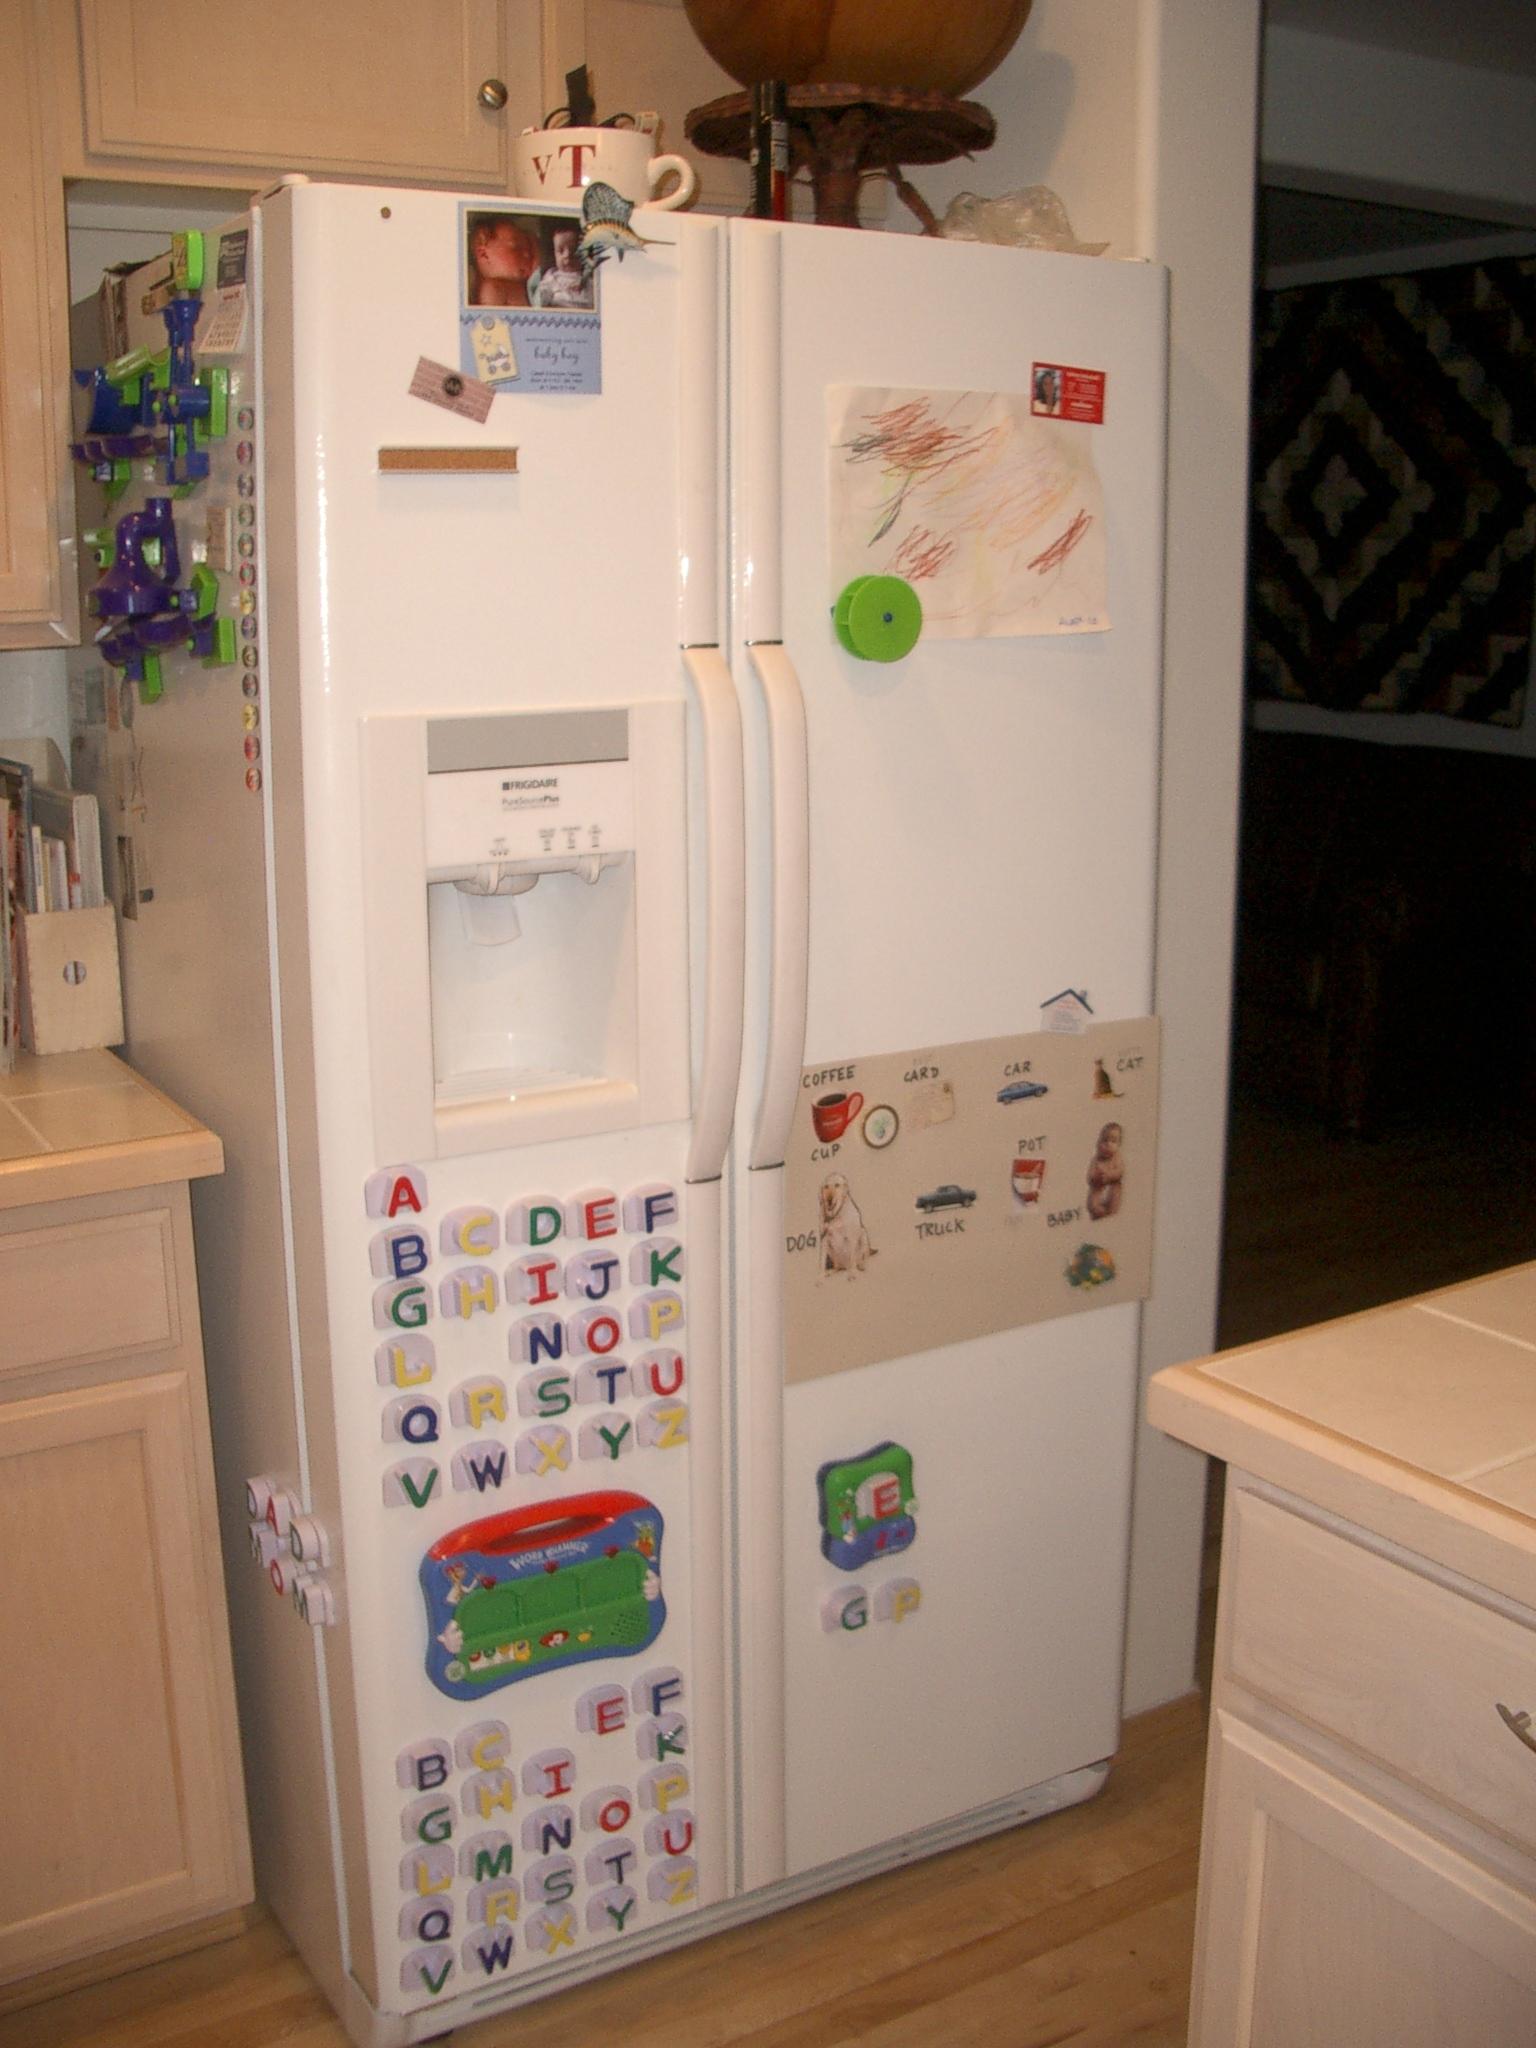 Our refrigerator